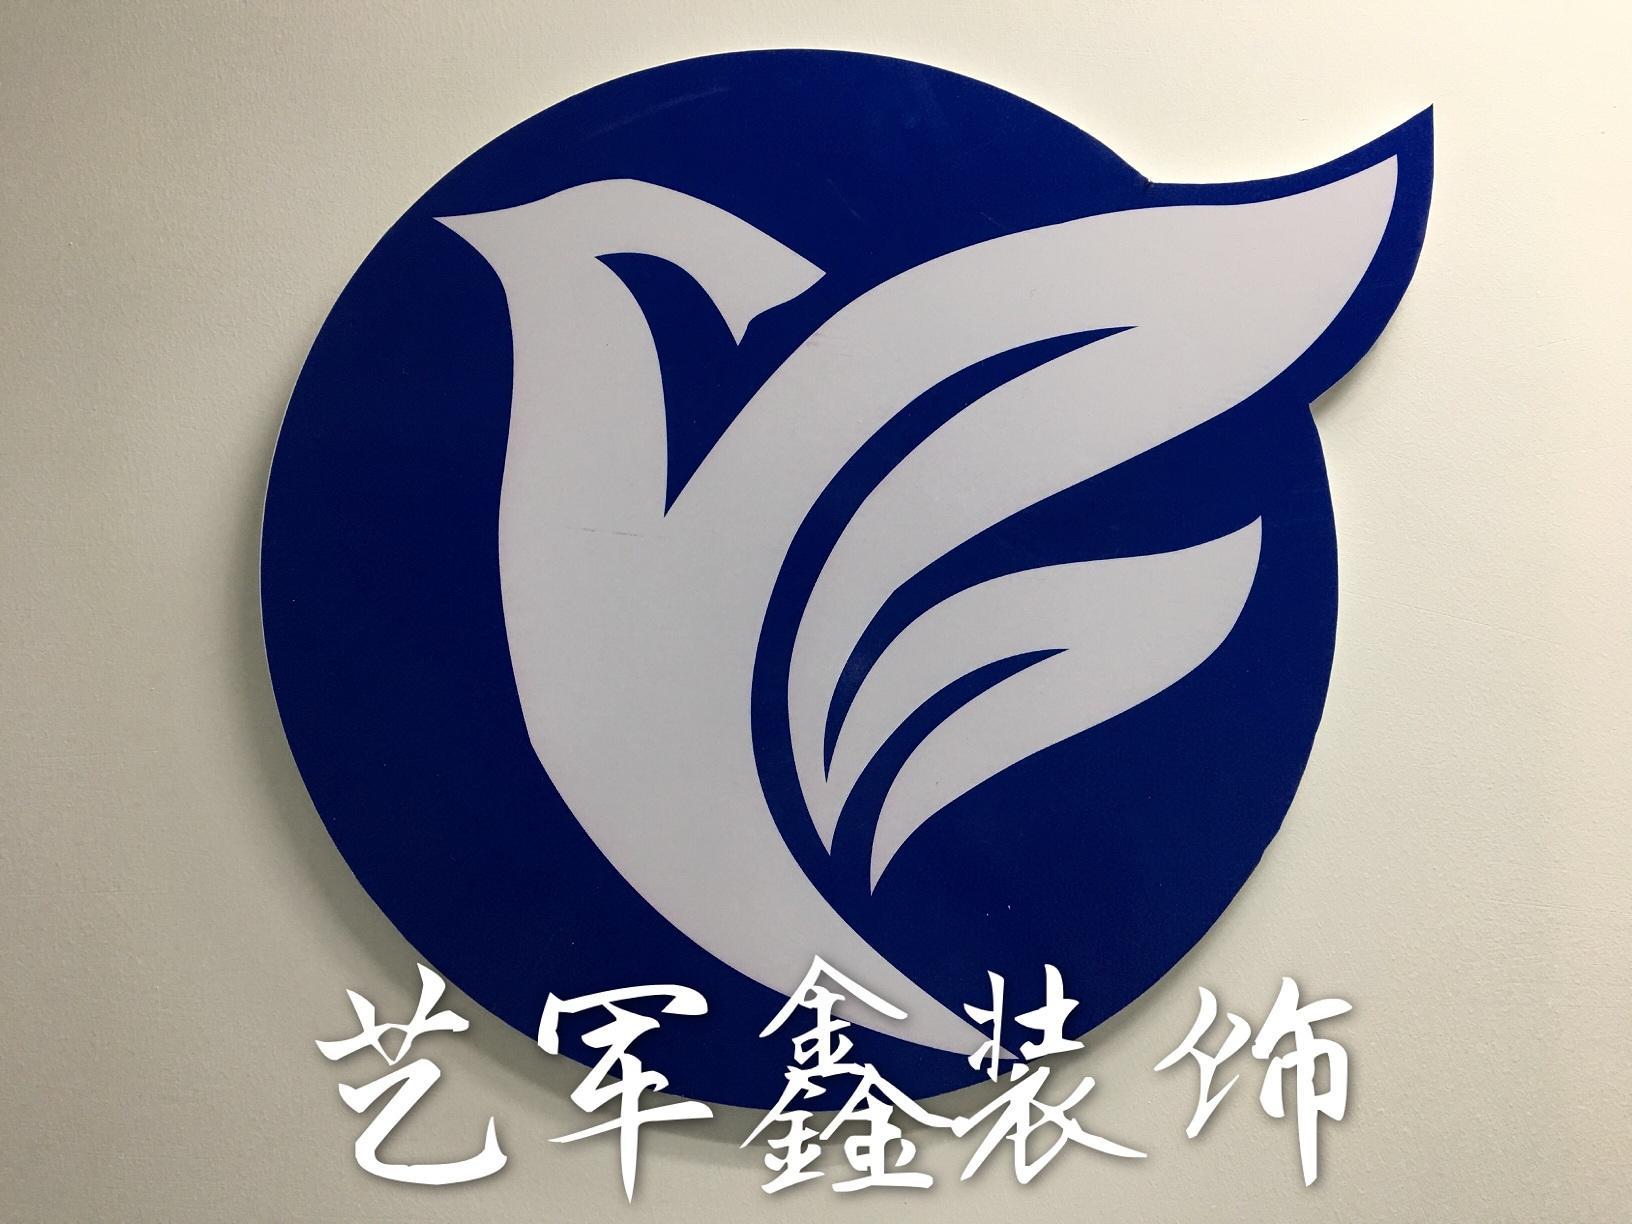 苏州艺军鑫装饰设计工程有限公司